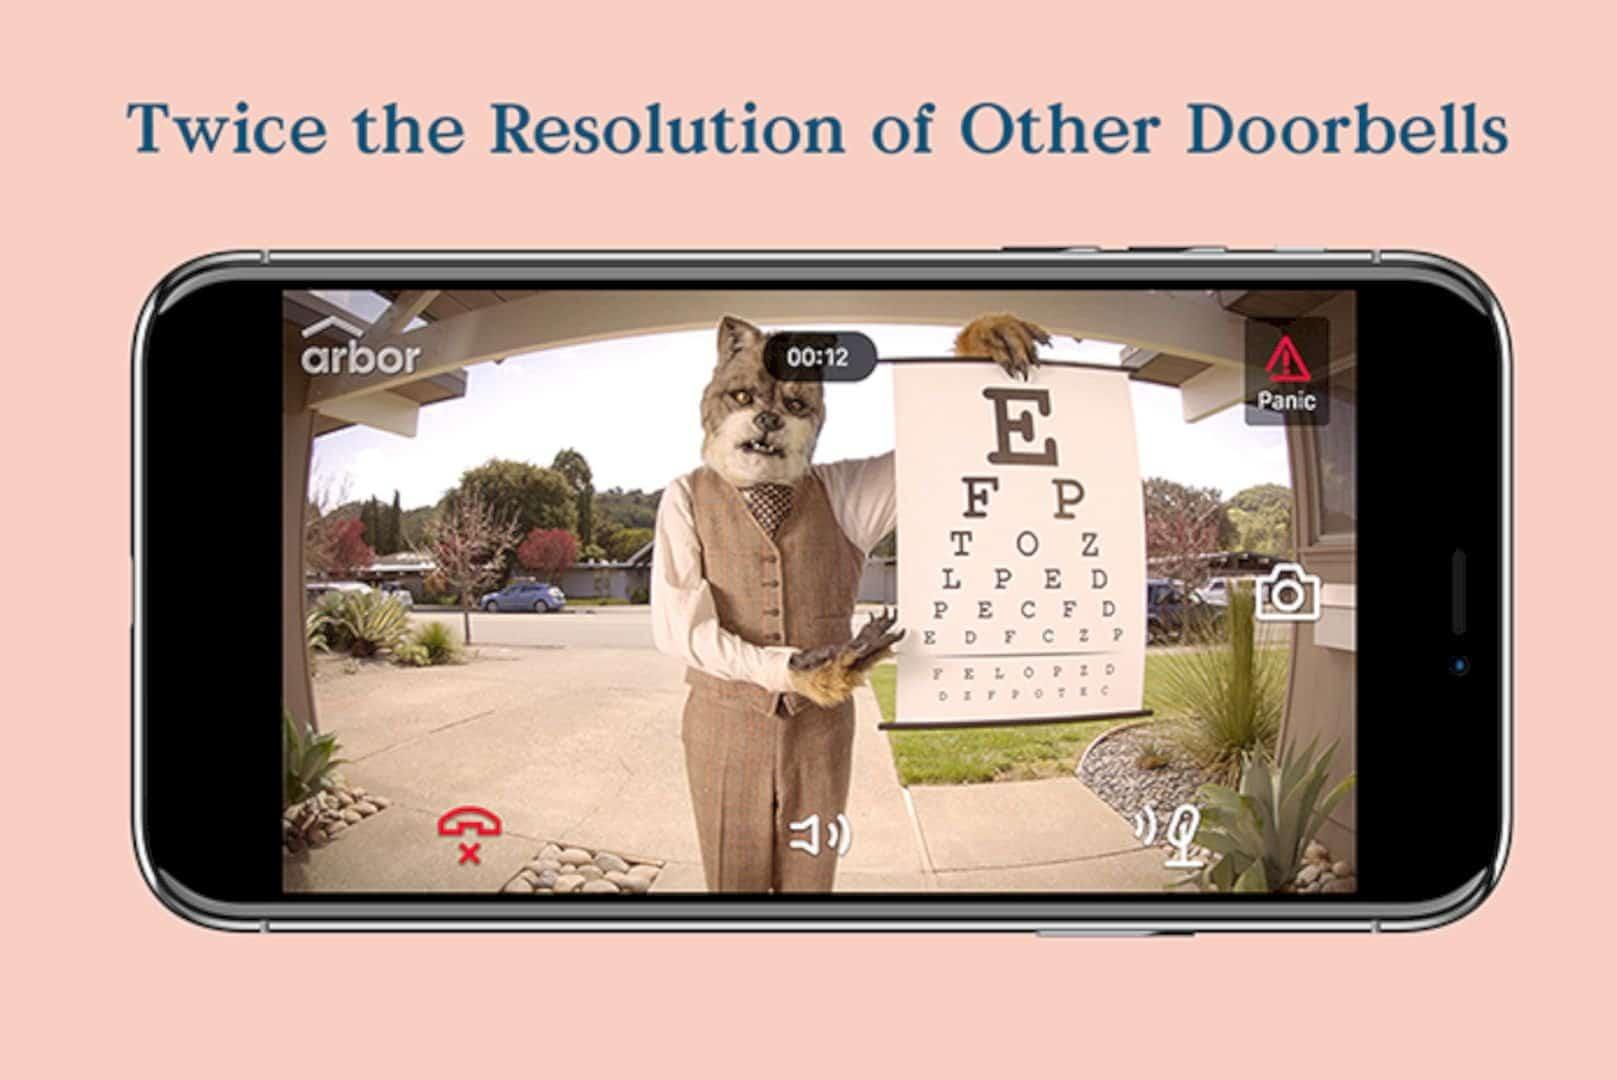 The Arbor Instant Video Doorbell 6